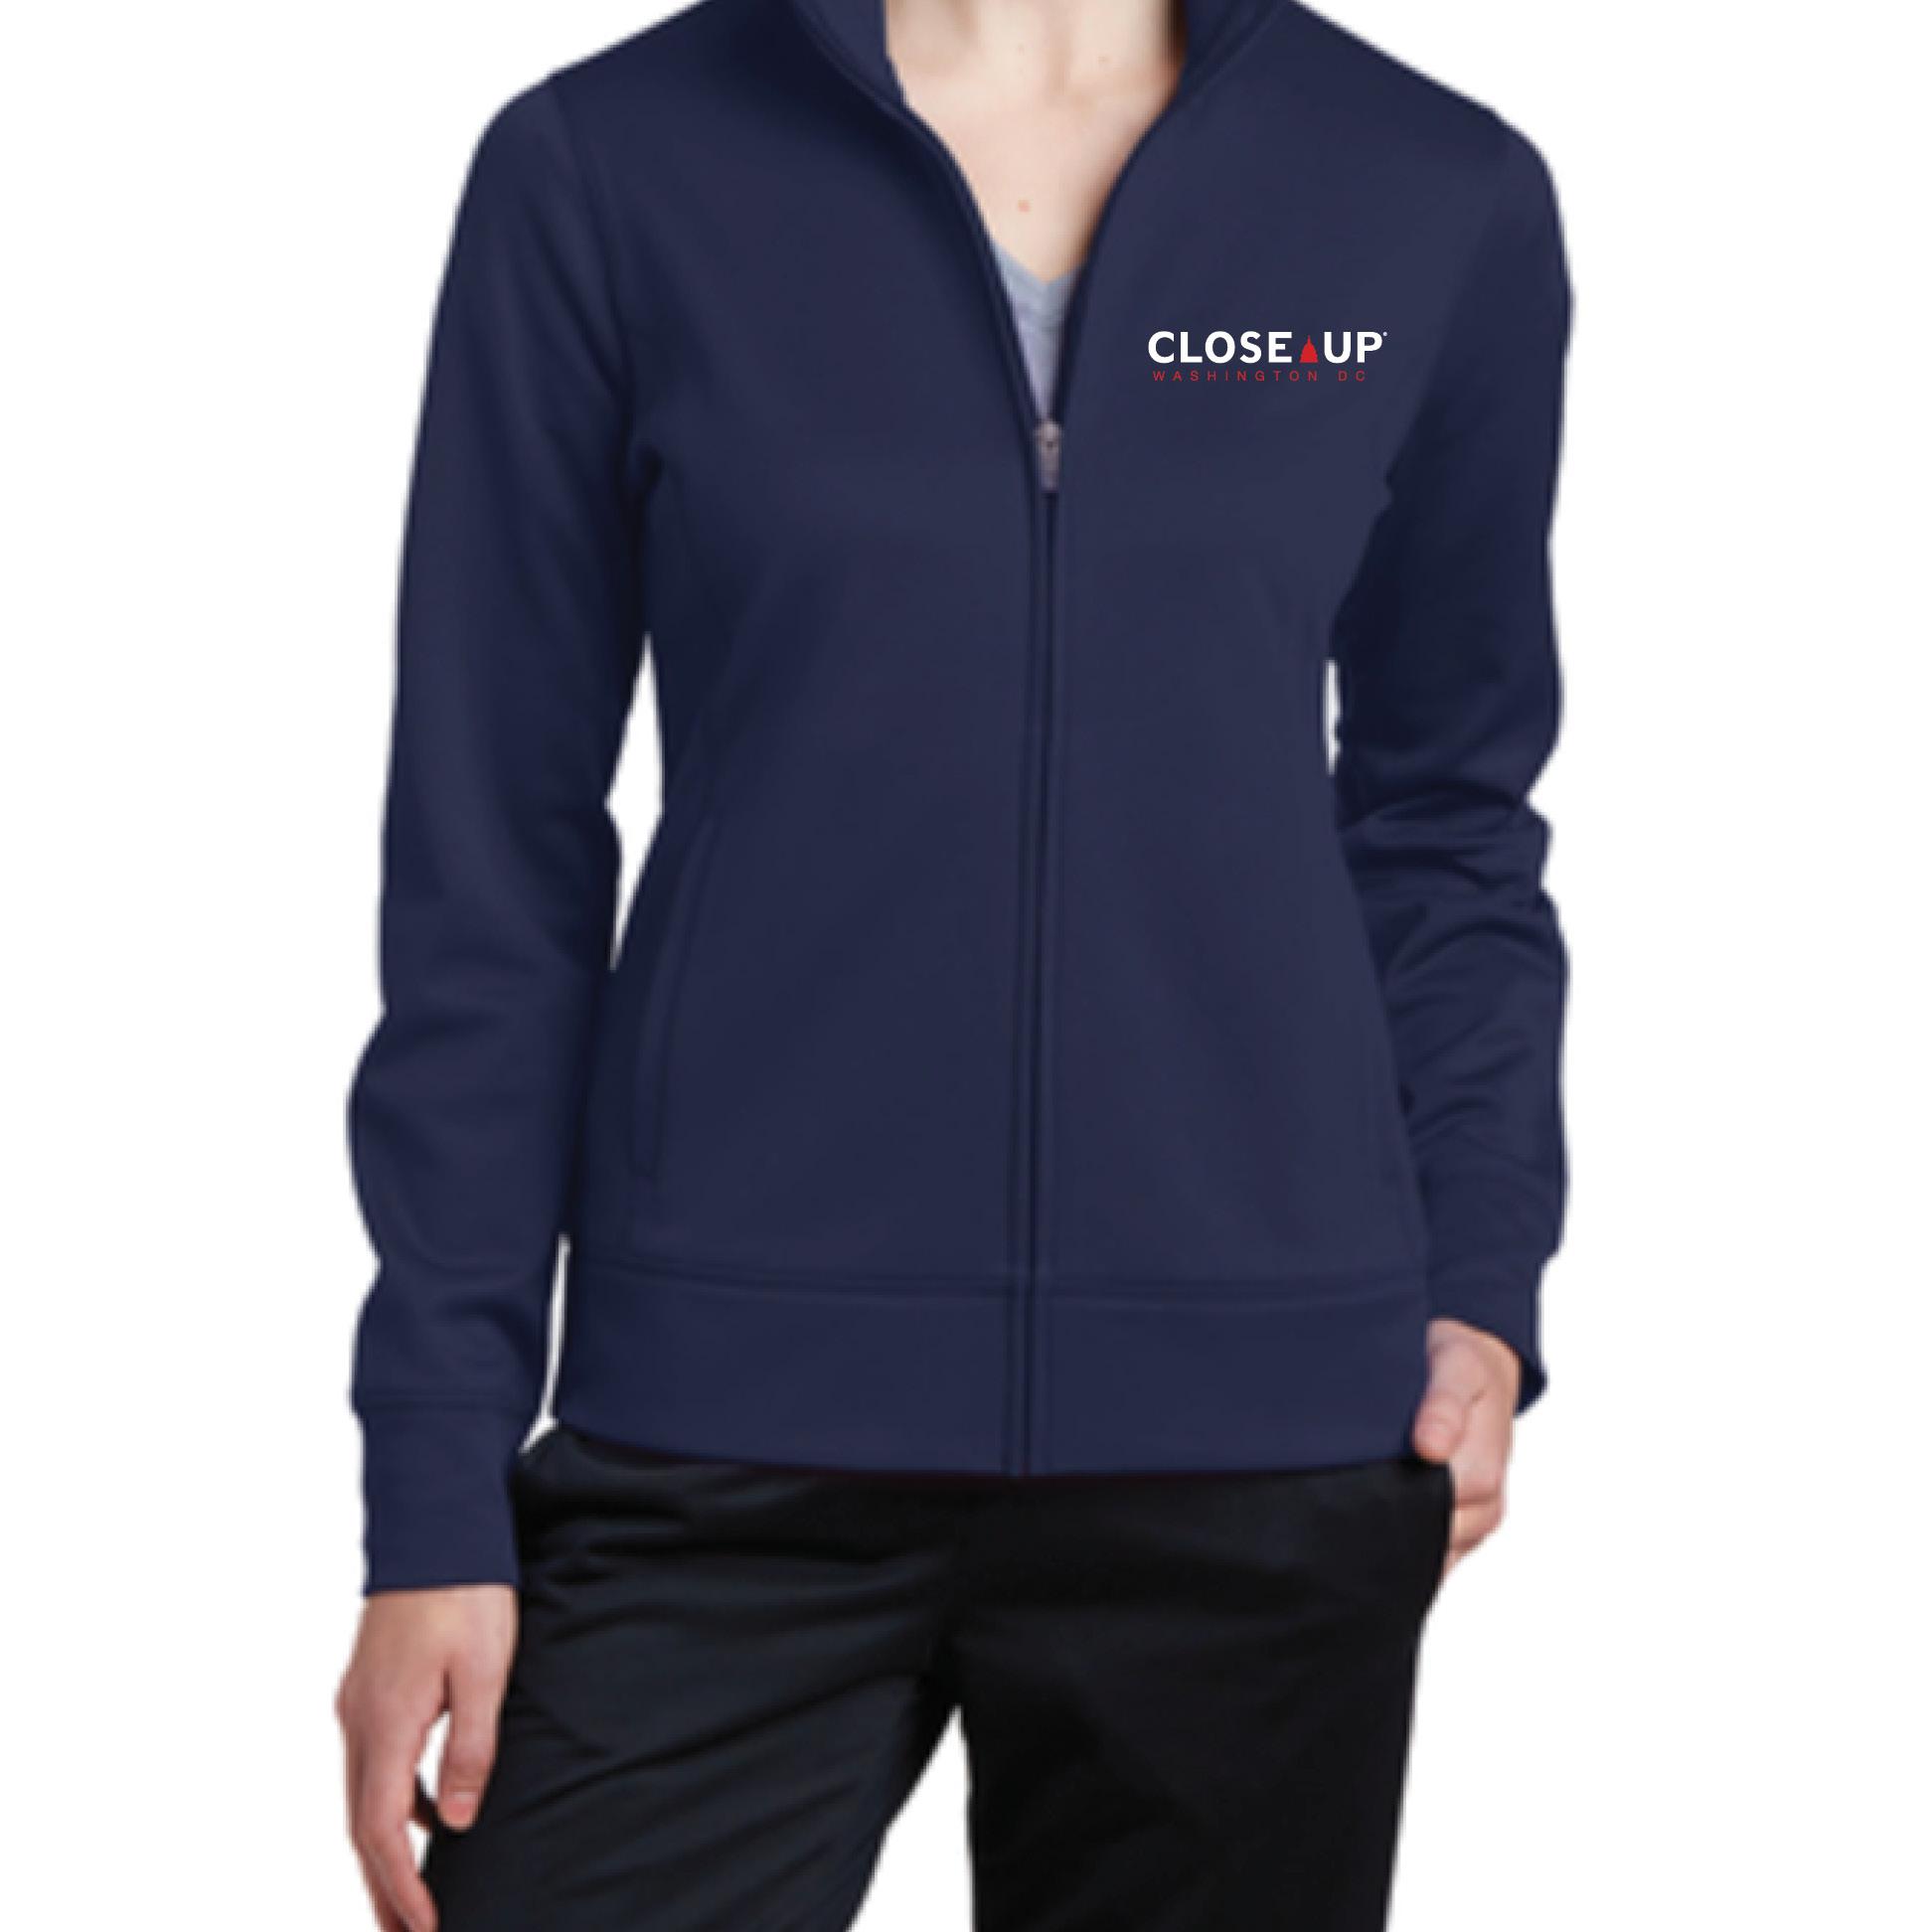 Ladies' Fleece Full-Zip Jacket